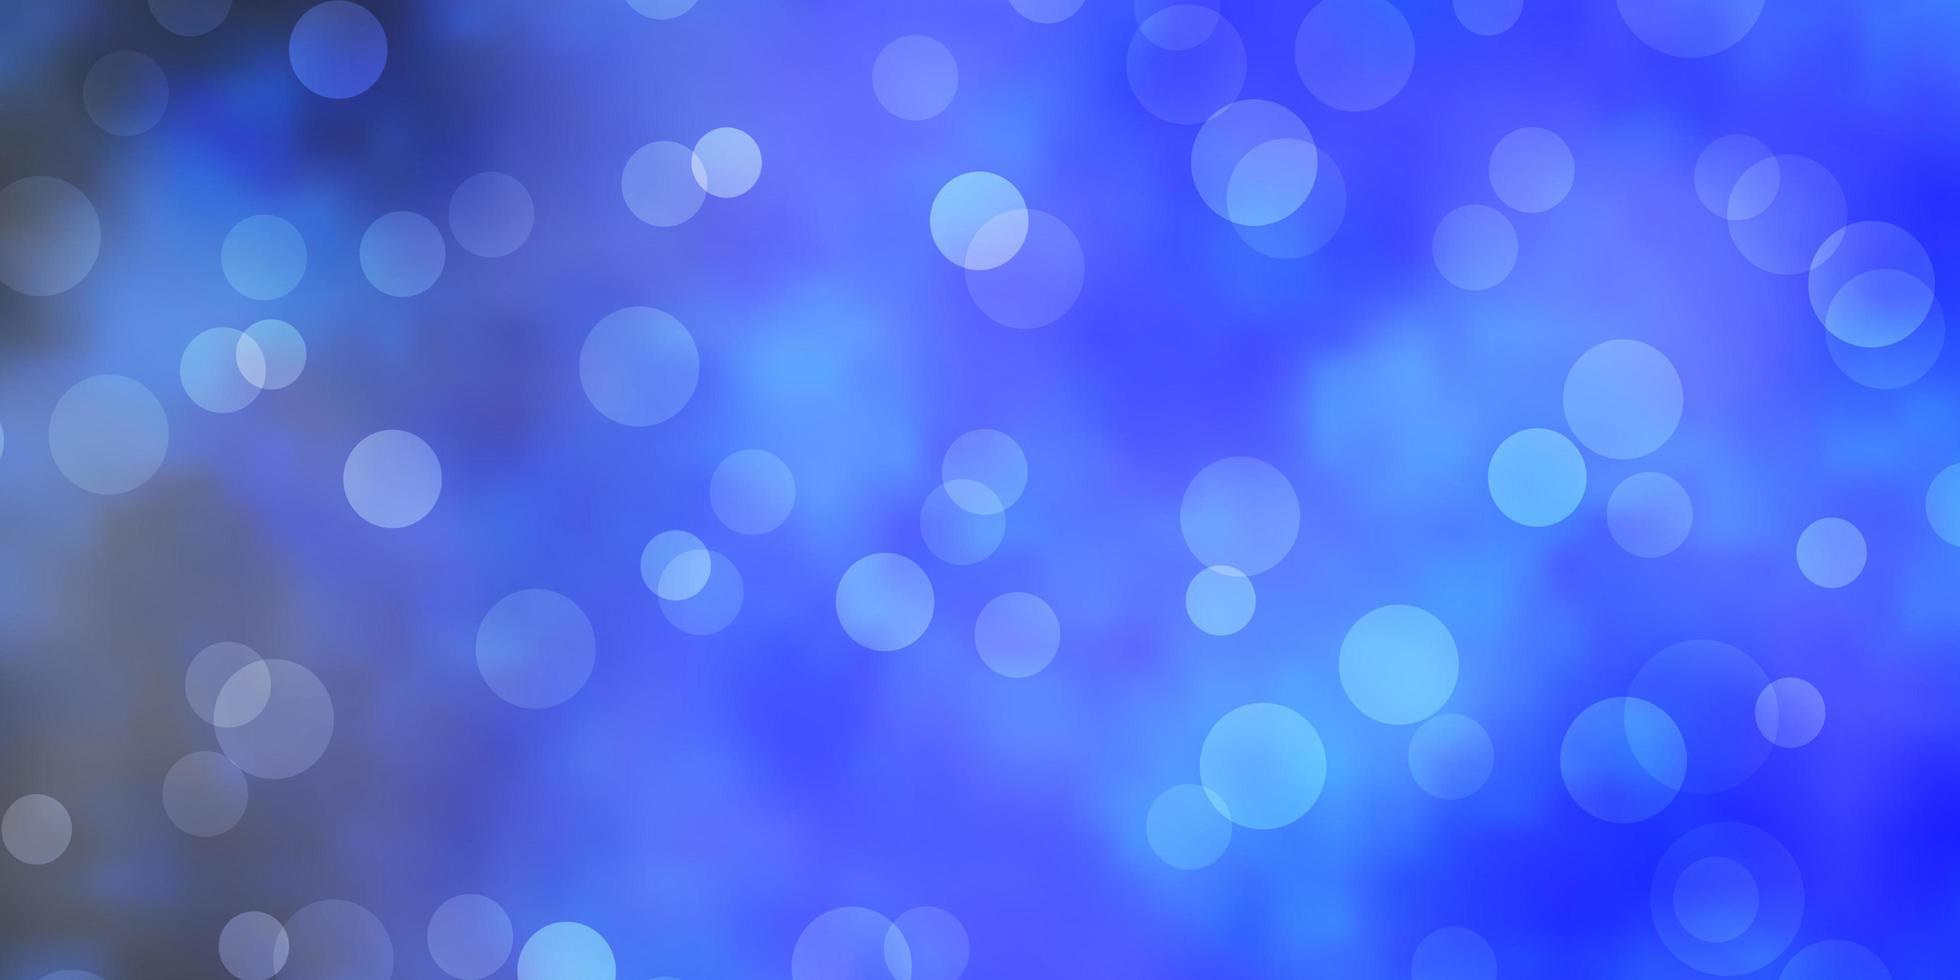 blaue Vorlage mit Kreisen. vektor